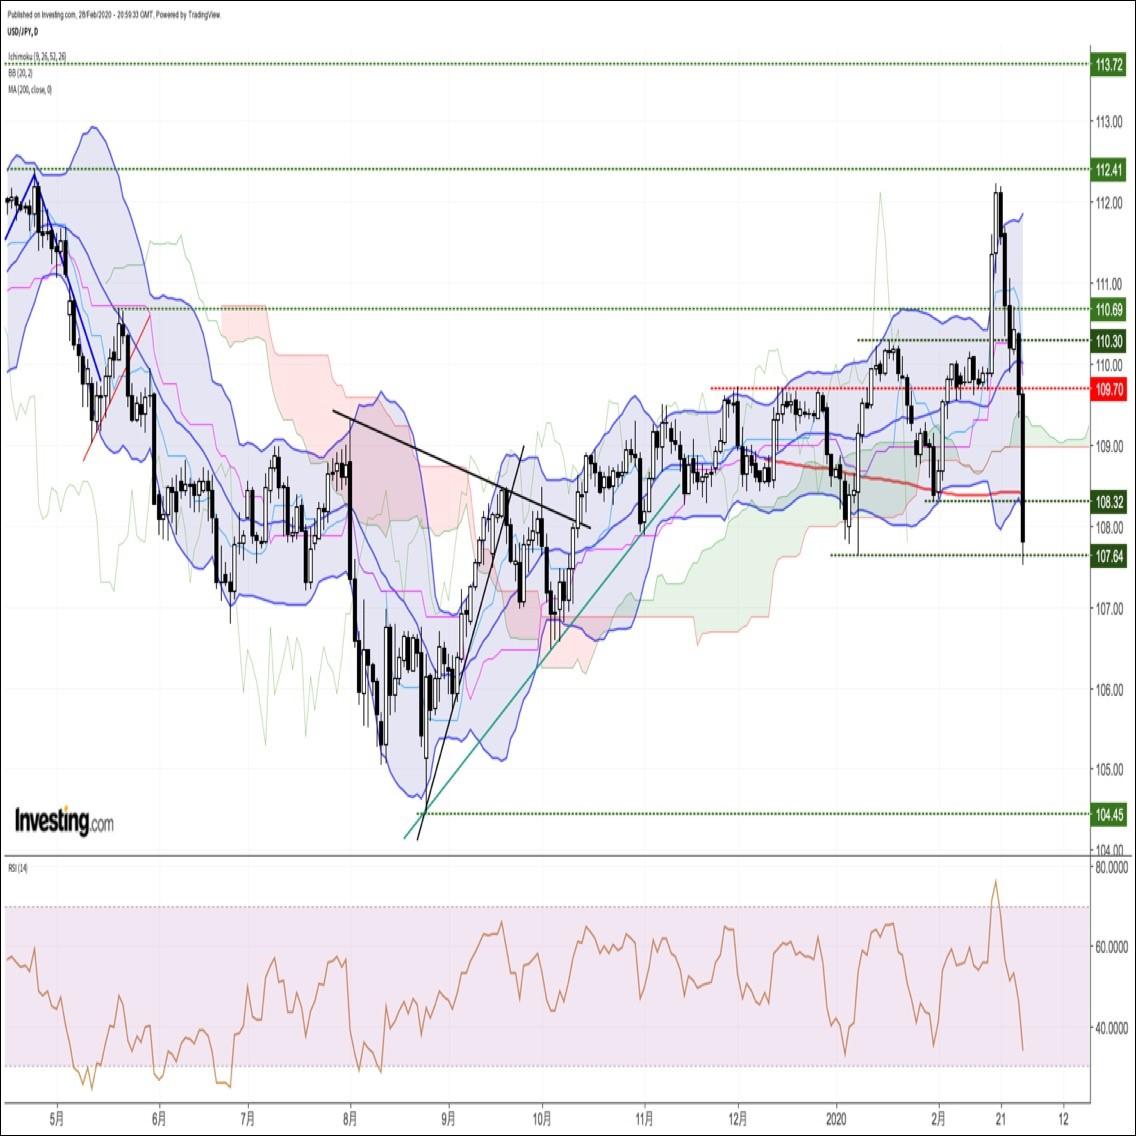 来週の為替相場見通し:『パンデミックリスクで世界同時株安が進行。リスク回避の円買いに注意』(2/29朝)